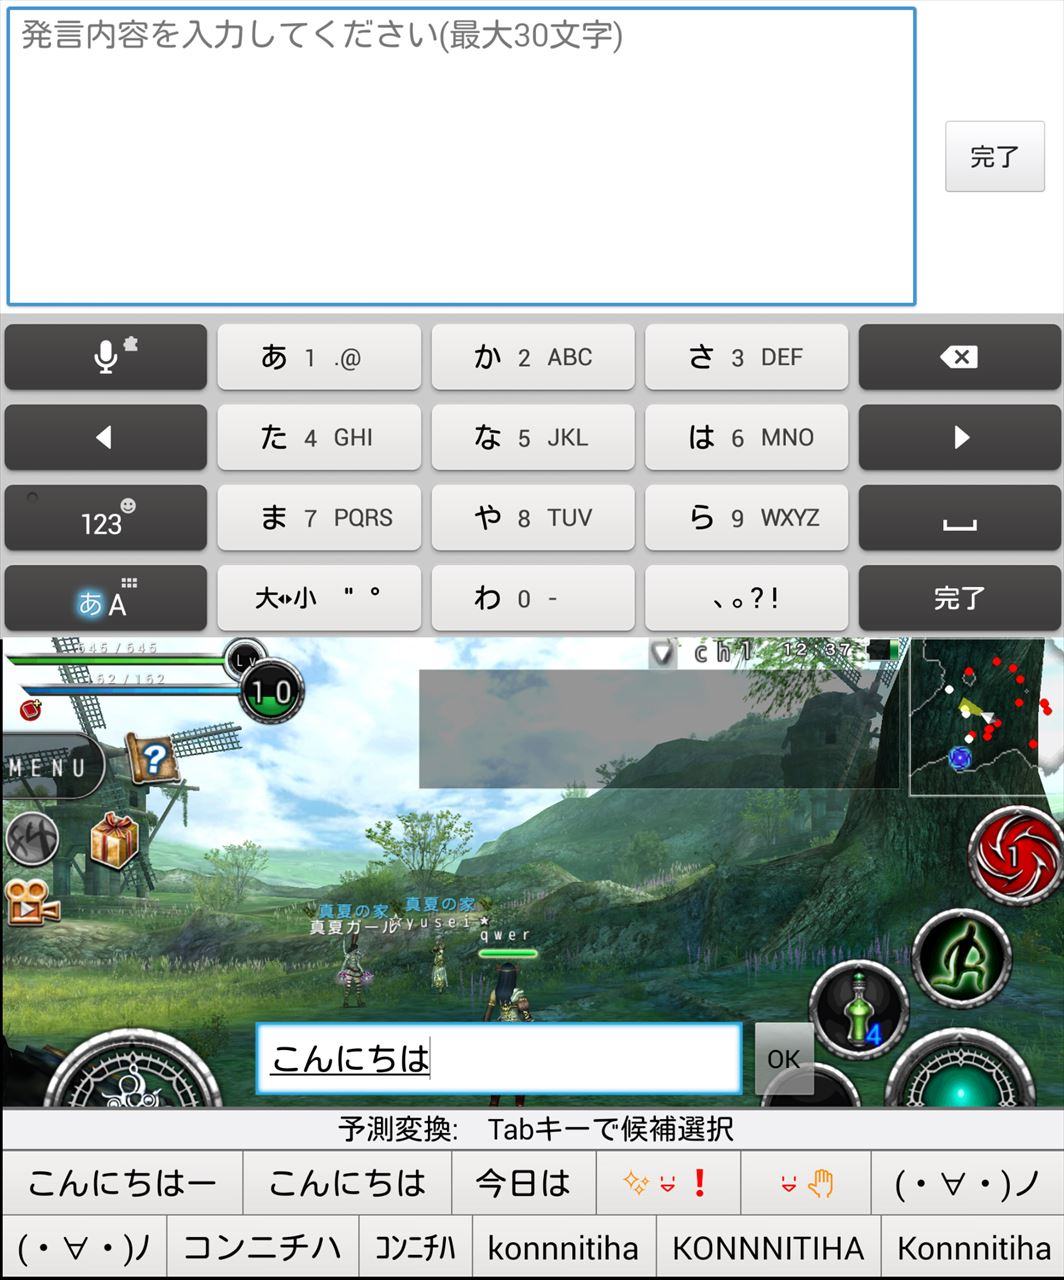 変形ギミック満載のゲームコントローラー『L.Y.N.X. 9』実機レビュー(ゲーム編)